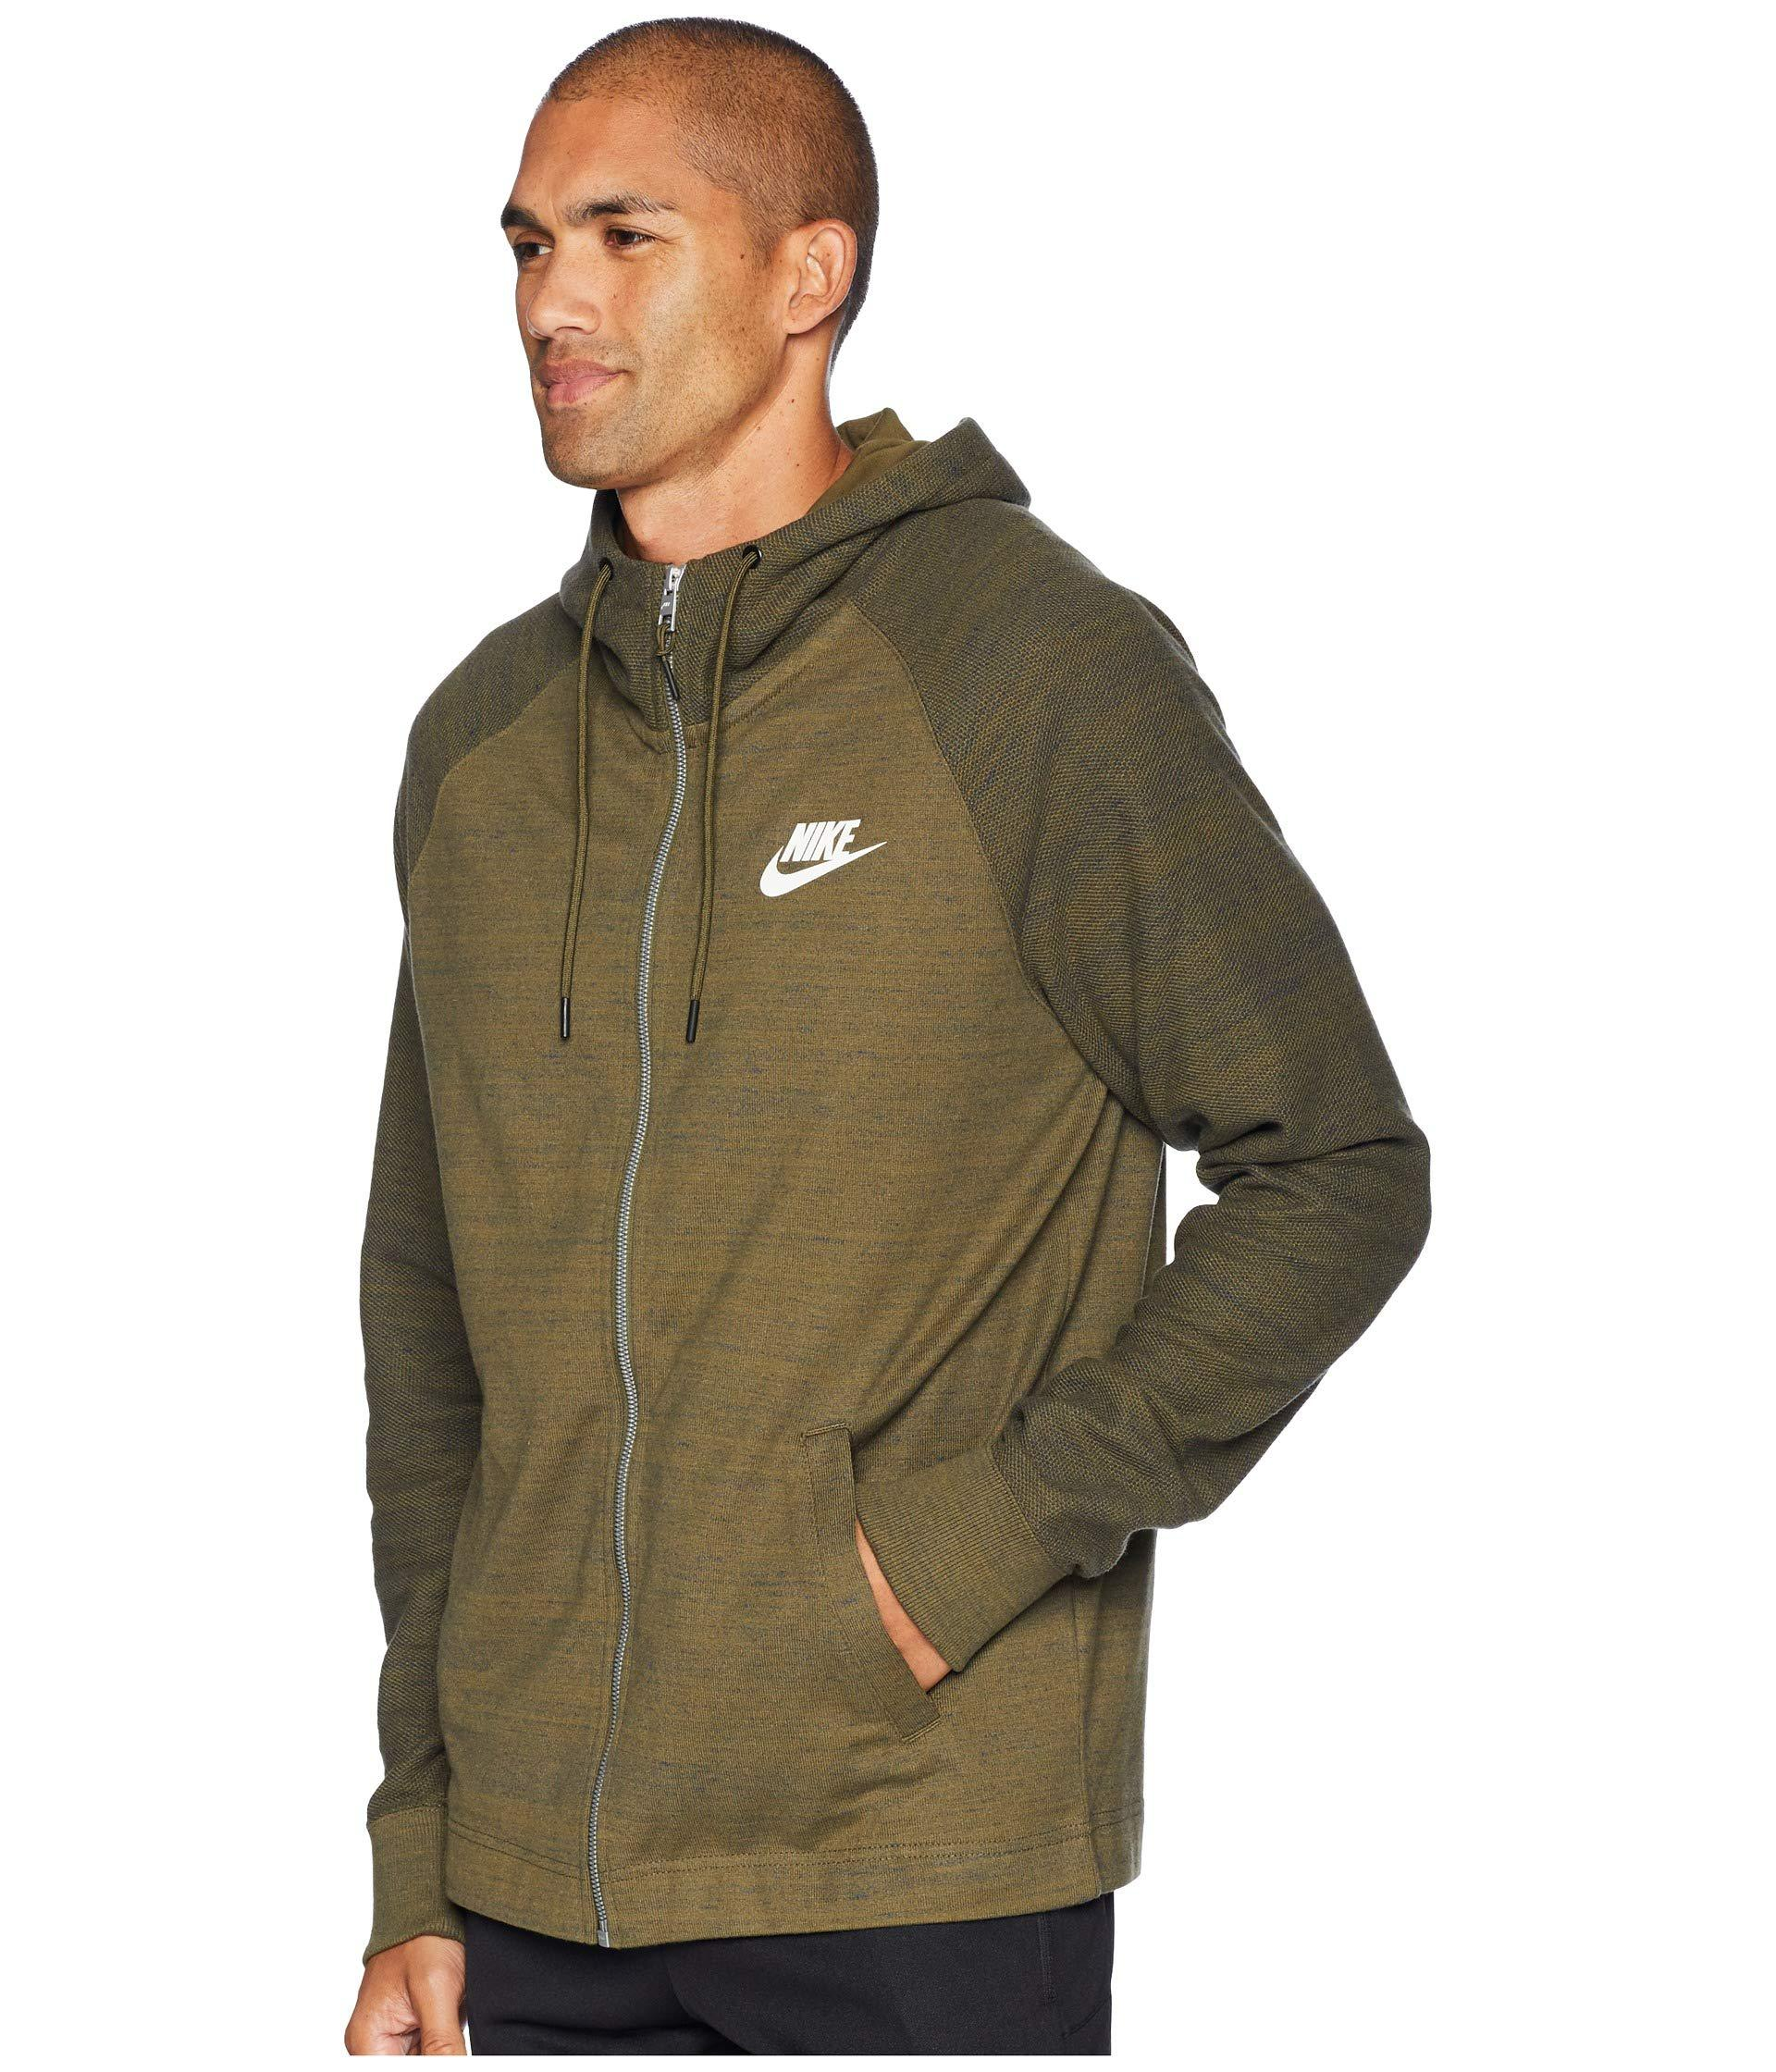 b0cb036099 Lyst - Nike Nsw Av15 Hoodie Full-zip Knit in Green for Men - Save 8%